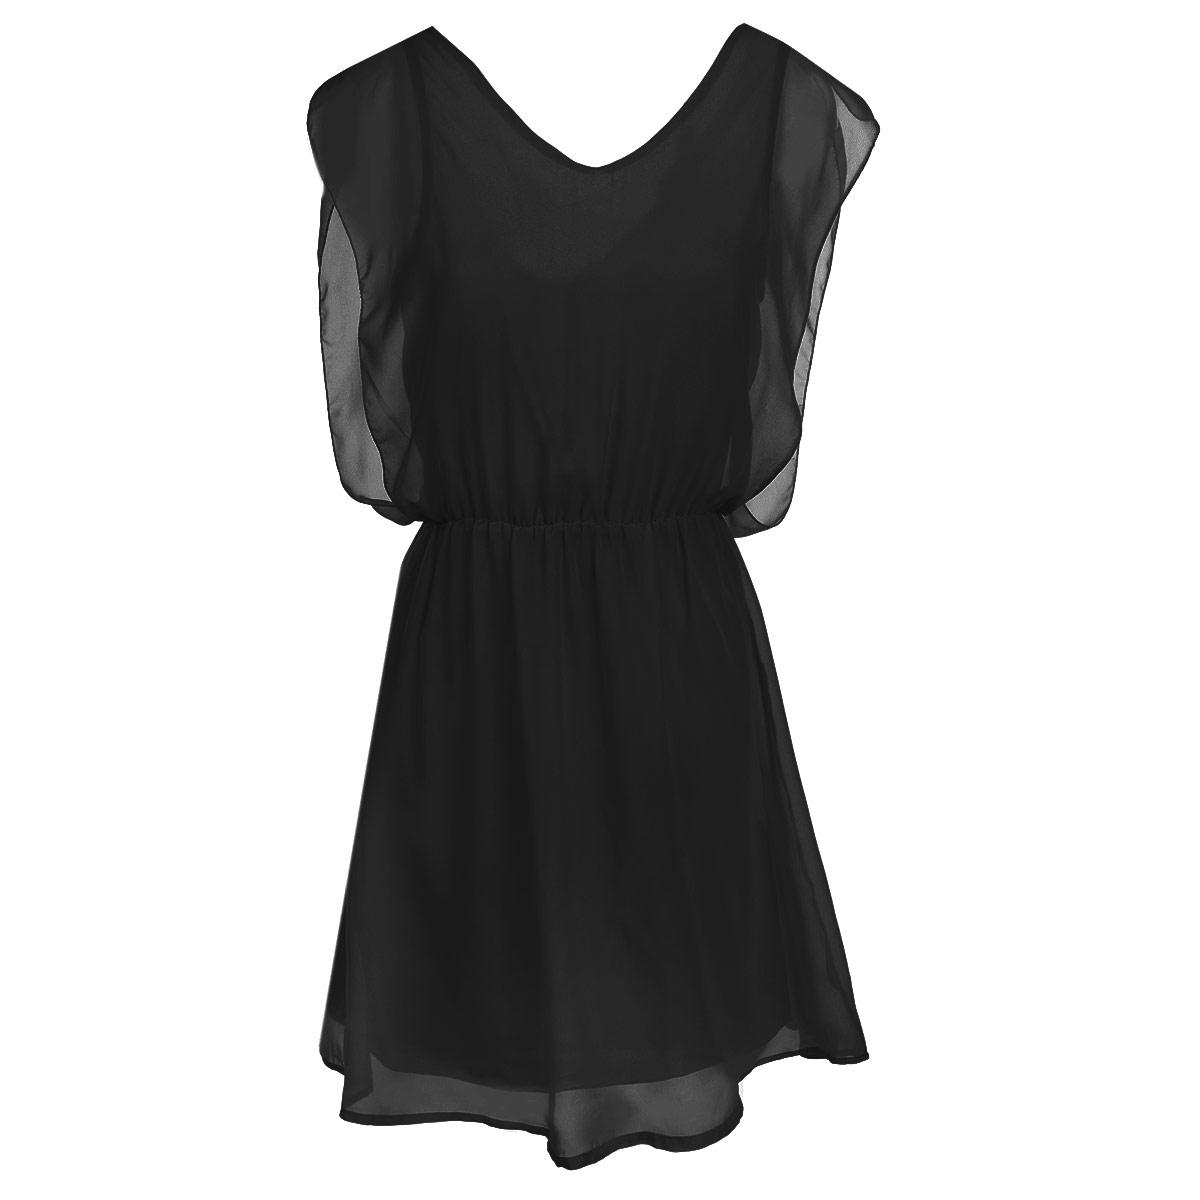 Платье10151836 300Модное летнее платье Broadway, выполненное из высококачественного материала, - прекрасный вариант для женщин, желающих подчеркнуть свою индивидуальность и хороший вкус. Платье выполнено из полупрозрачного полиэстера с подкладкой. Модель приталенного силуэта на широких лямках и с V-образным вырезом горловины. На спинке платье застегивается на пуговку. Линию талии подчеркивает эластичная резинка. Лаконичный дизайн и совершенство стиля подчеркнут вашу индивидуальность.